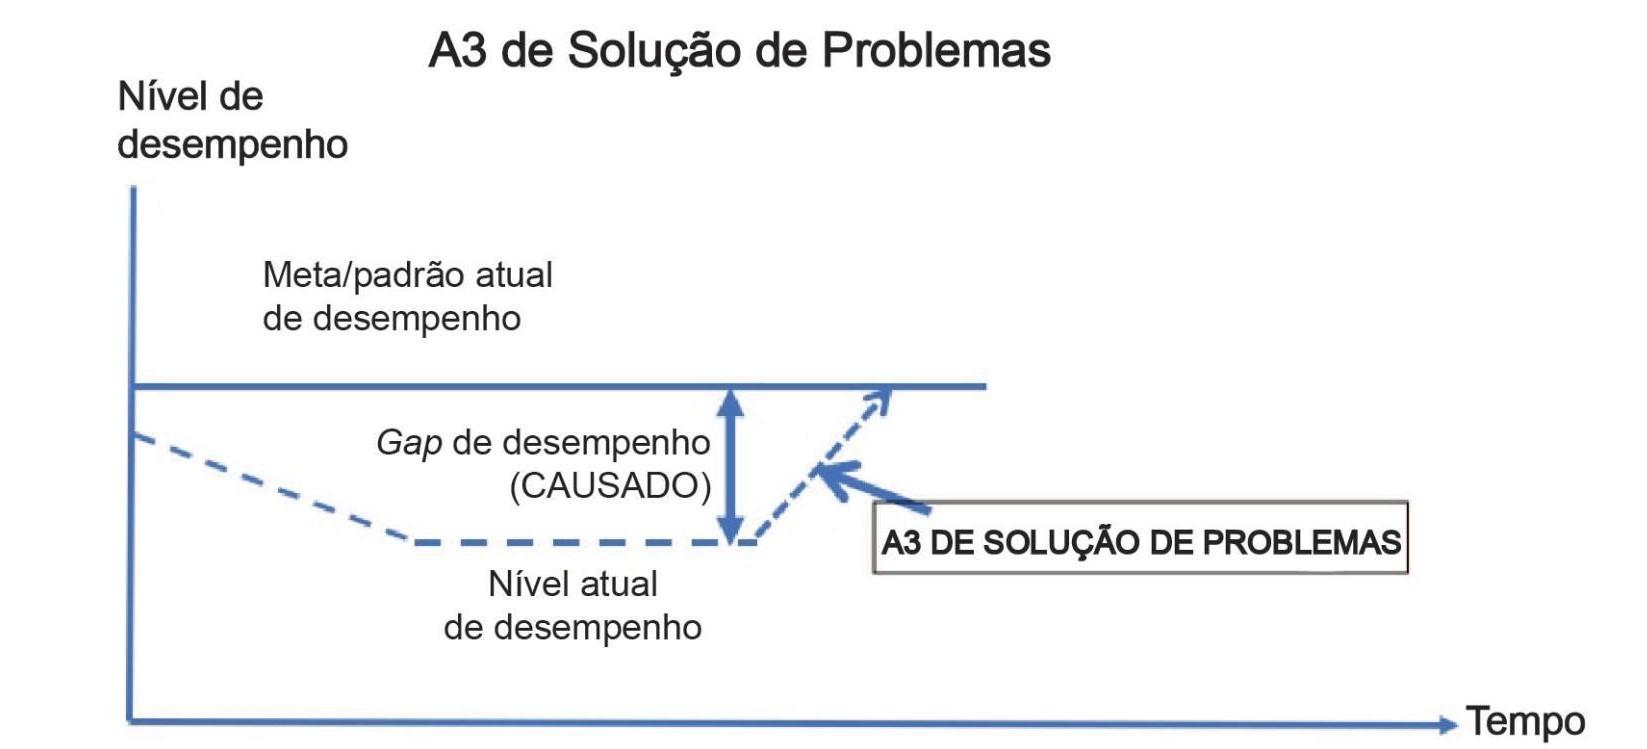 A3 de soluções de problemas